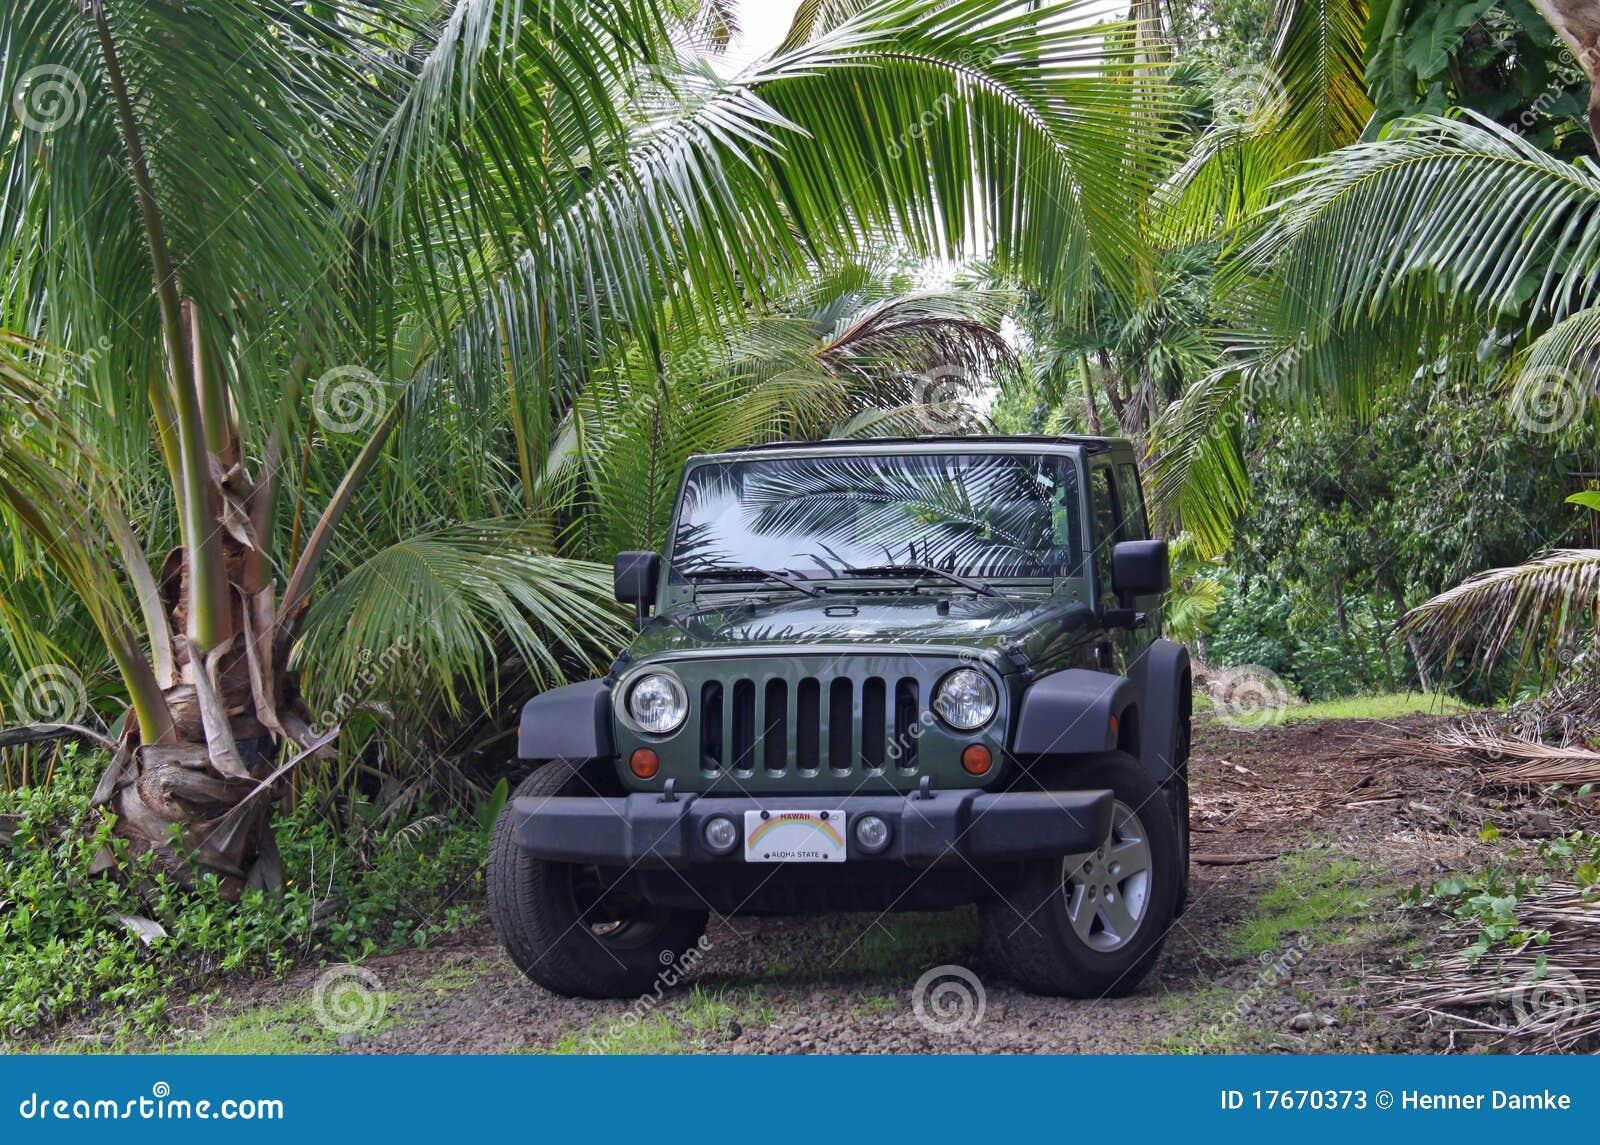 Offroad Hawaii